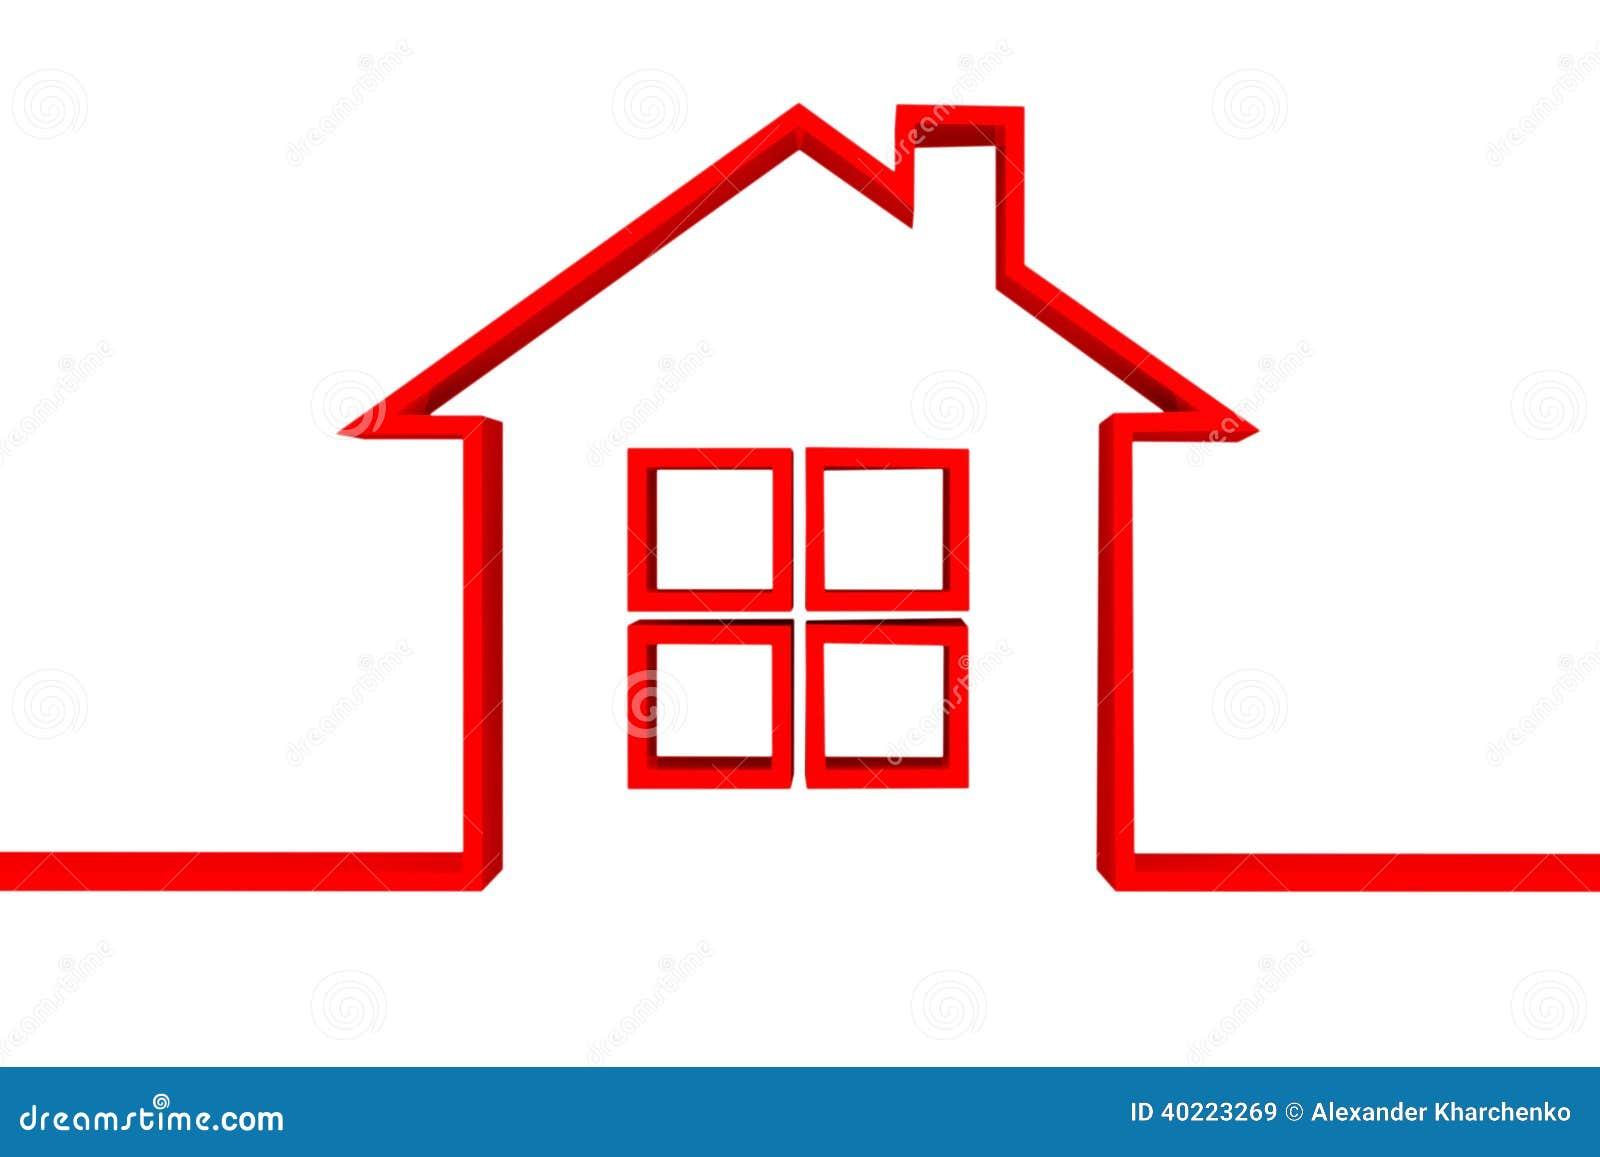 在白色背景的红色房子标志.图片